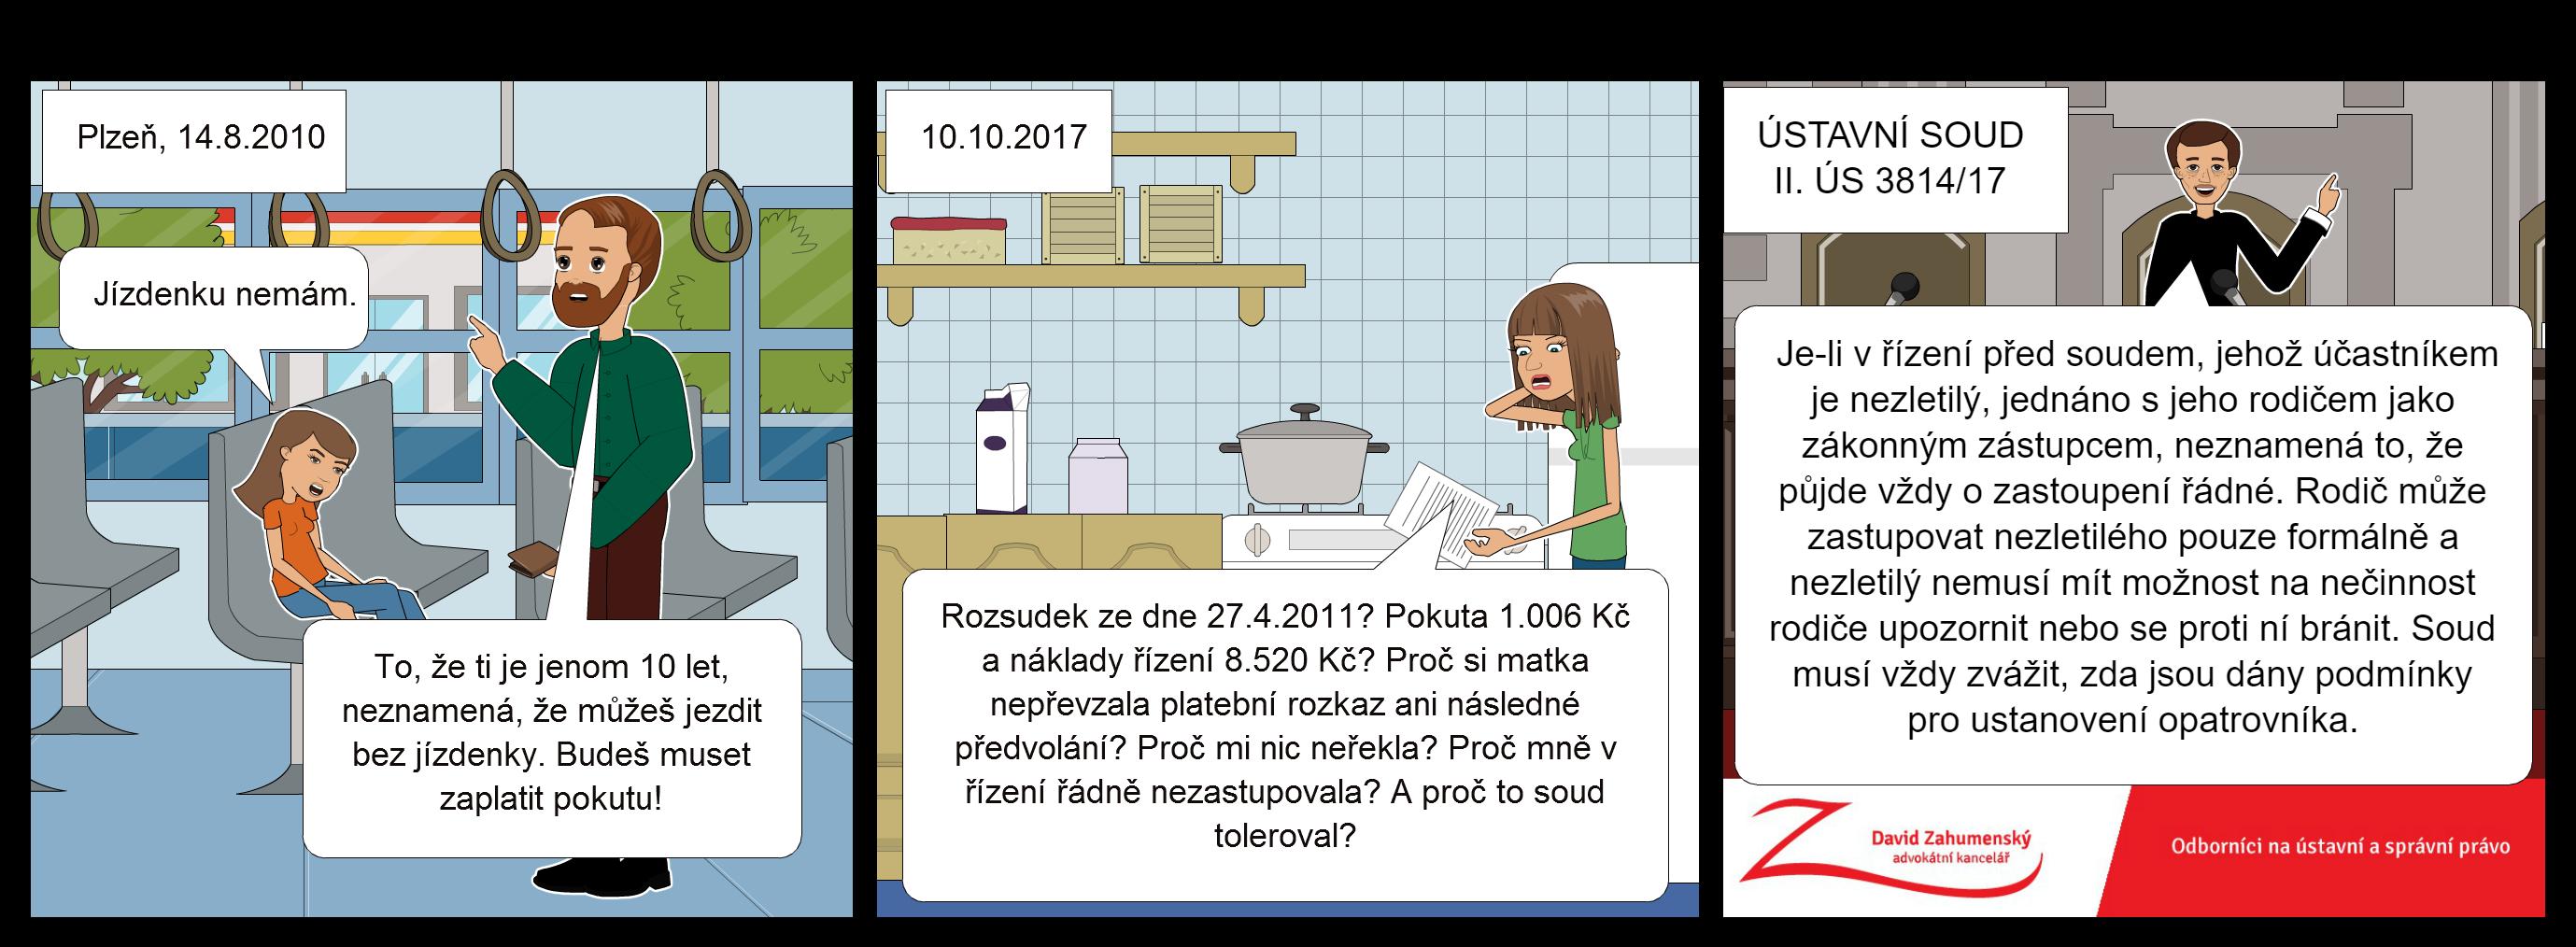 Komiks ÚStavní soud Zahumny k nálezu nálezu Ústavního soudu sp. zn. II. ÚS 3814/17